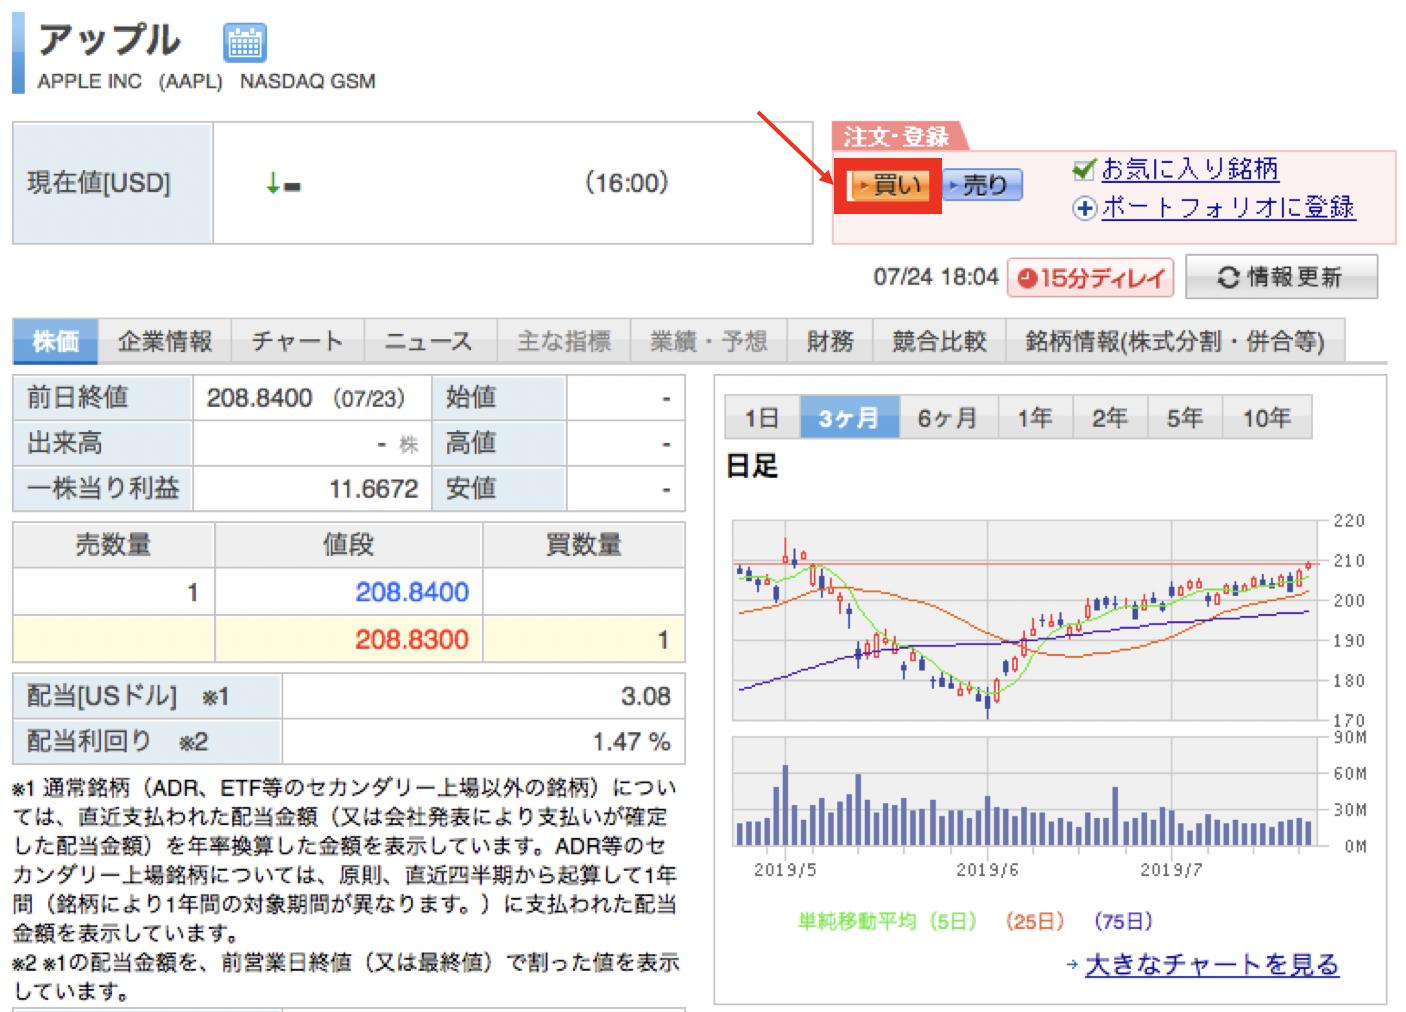 楽天証券でのアップルの購入画面への遷移